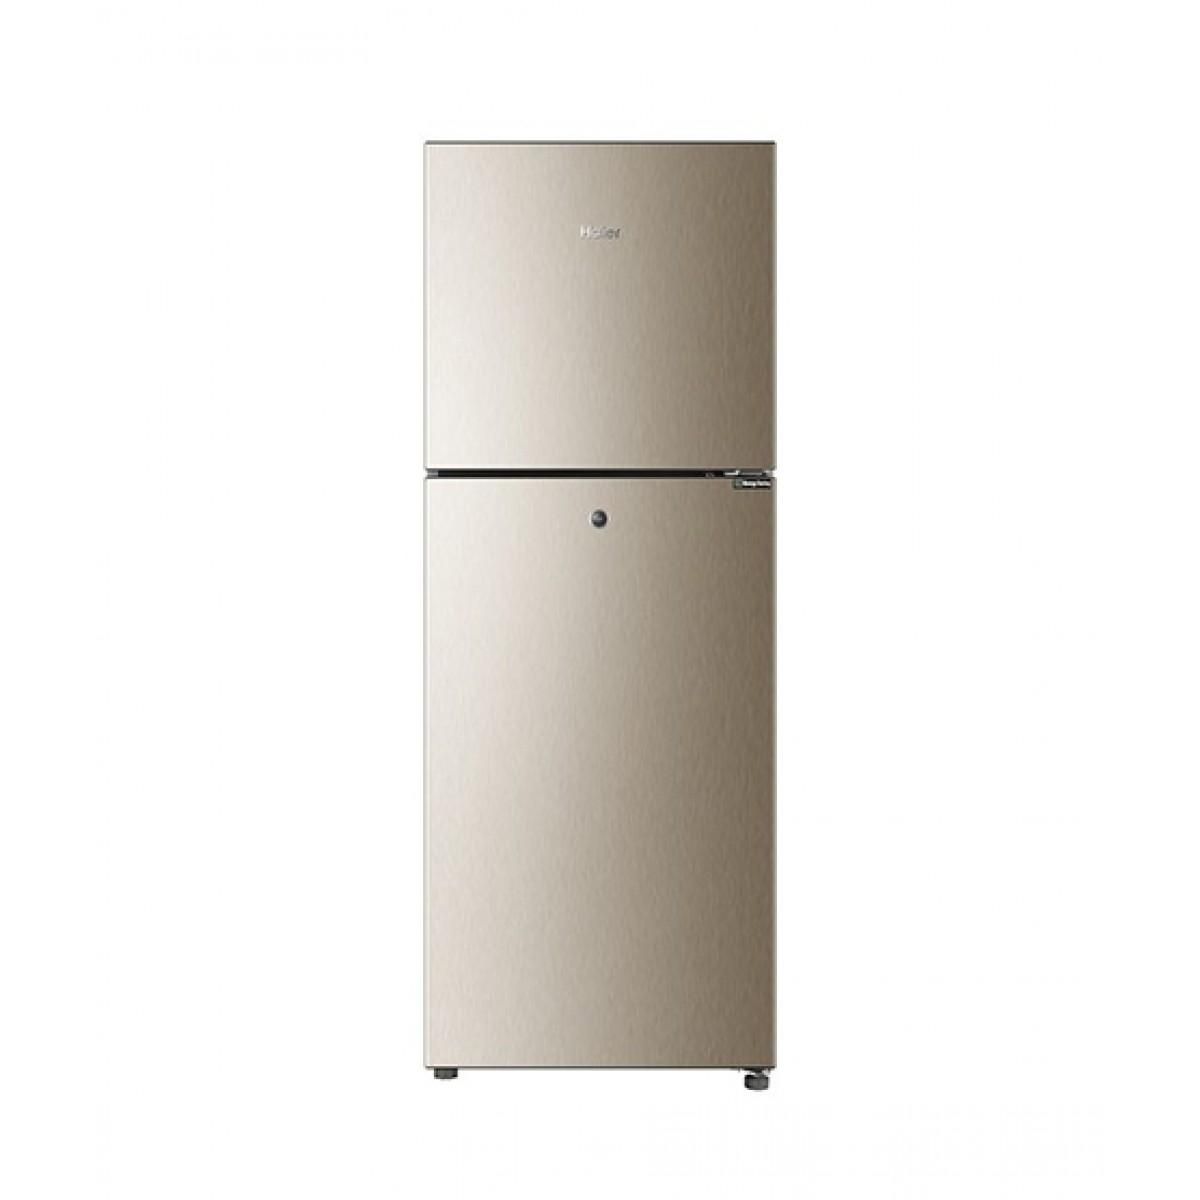 Haier E-Star Freezer-On-Top Refrigerator 7.5 Cu Ft Golden (HRF-246EBD)